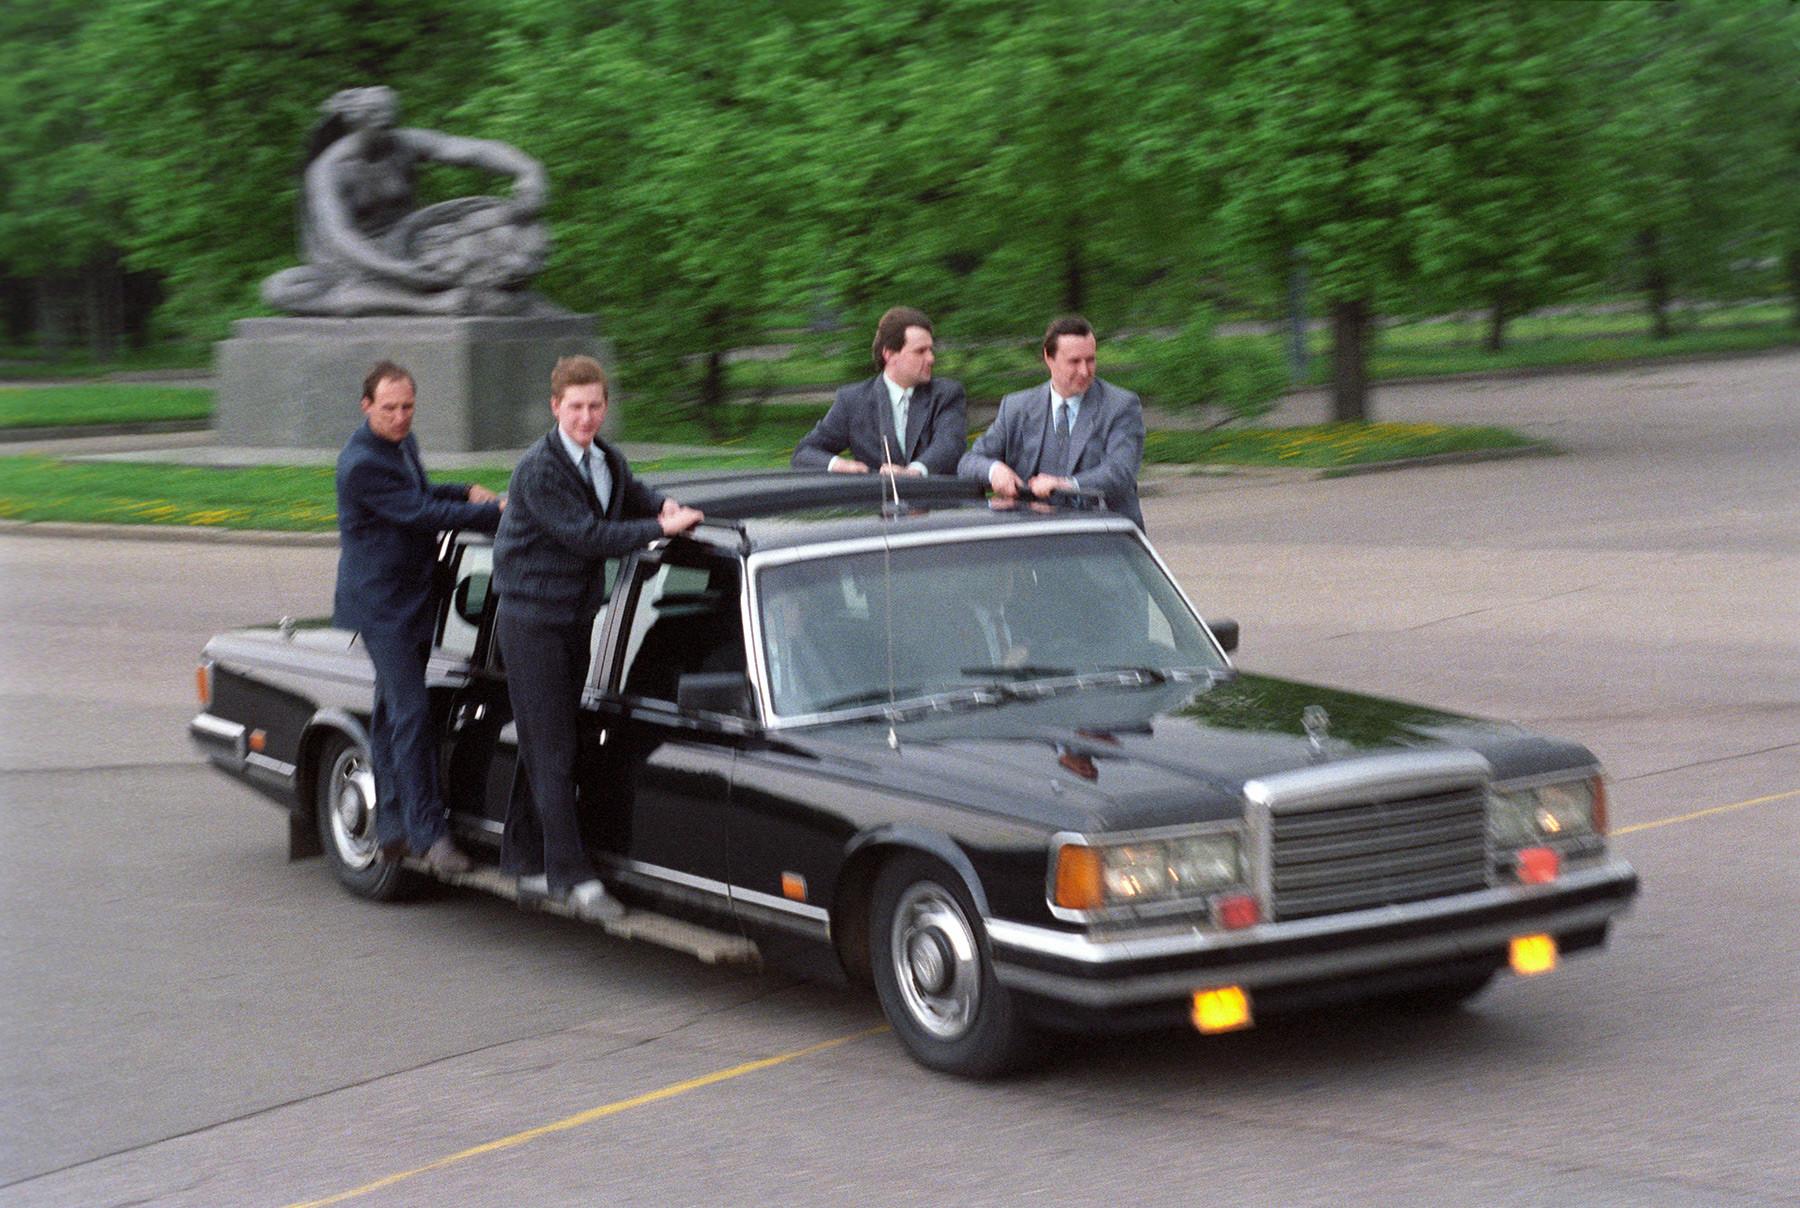 1991年。ロシア連邦警護庁の職員たち。ロシア連邦警護庁の前身はソ連国家保安委員会 (KGB) 第9局だ。